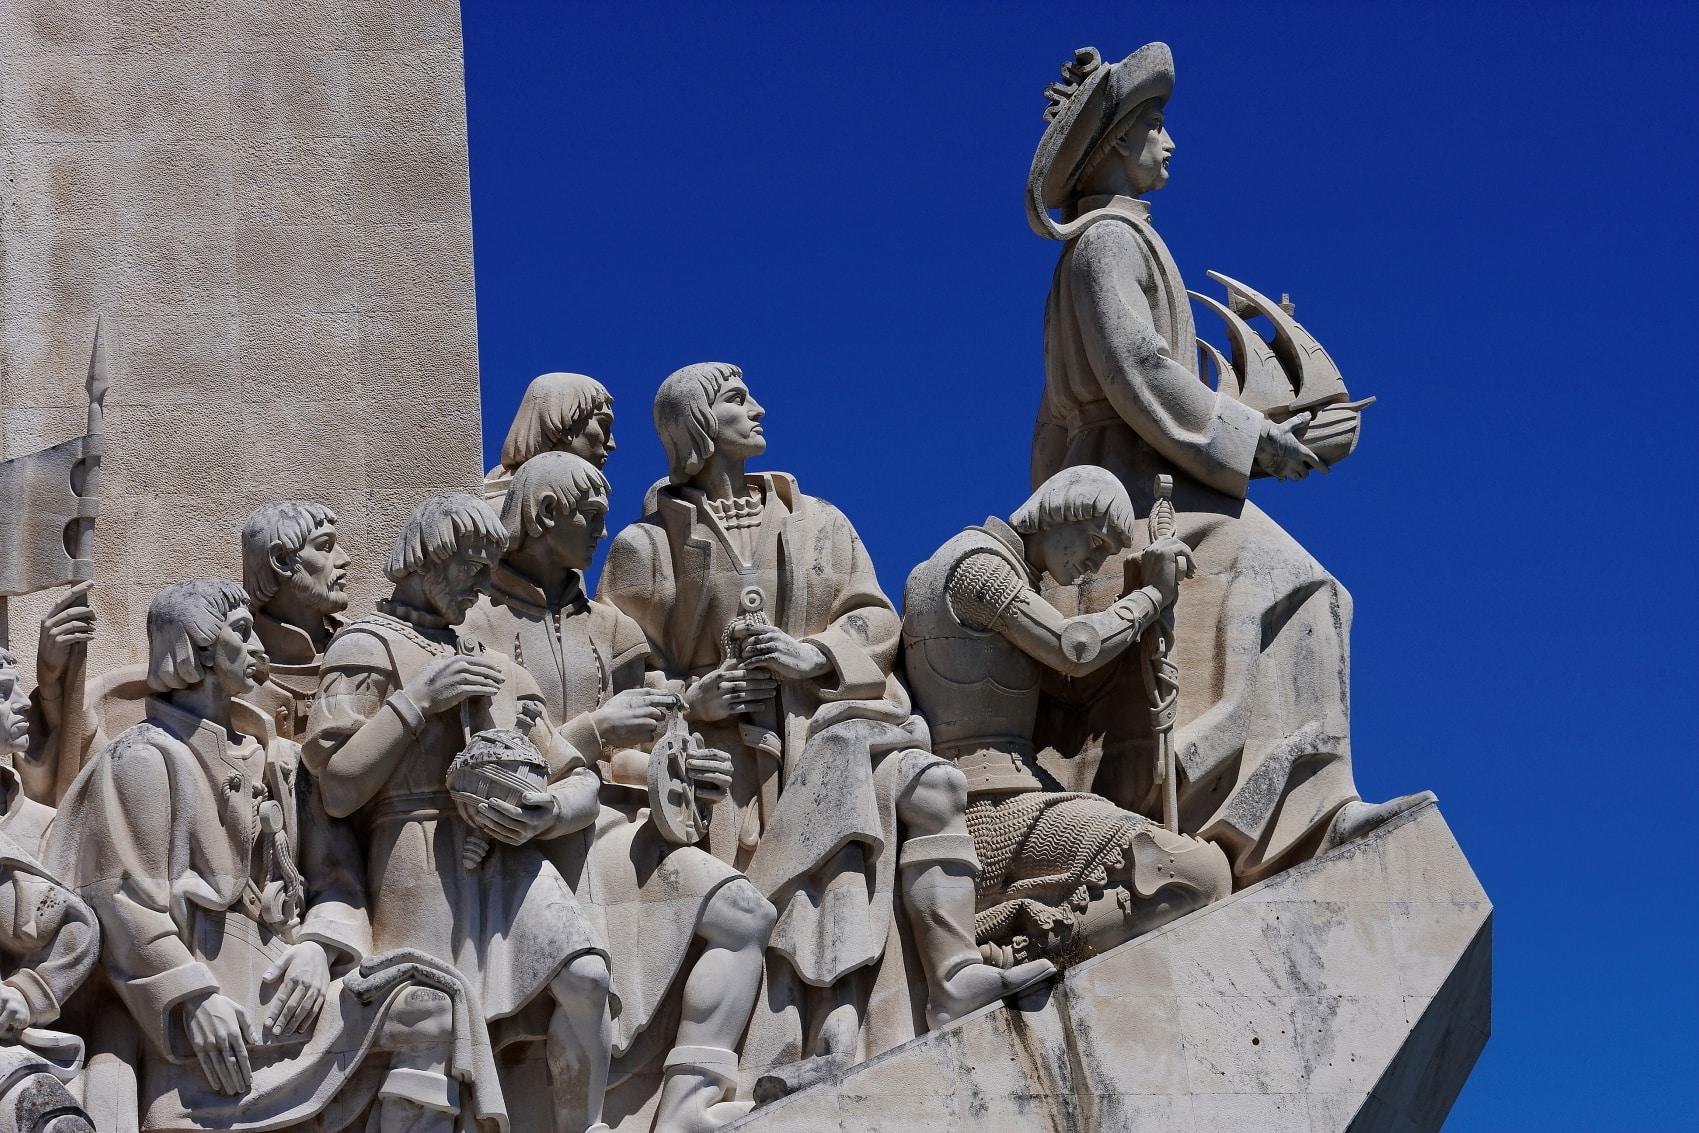 Quer Montar o seu Negócio e Viver em Portugal? O Visto D-2 pode ser a solução certa para você